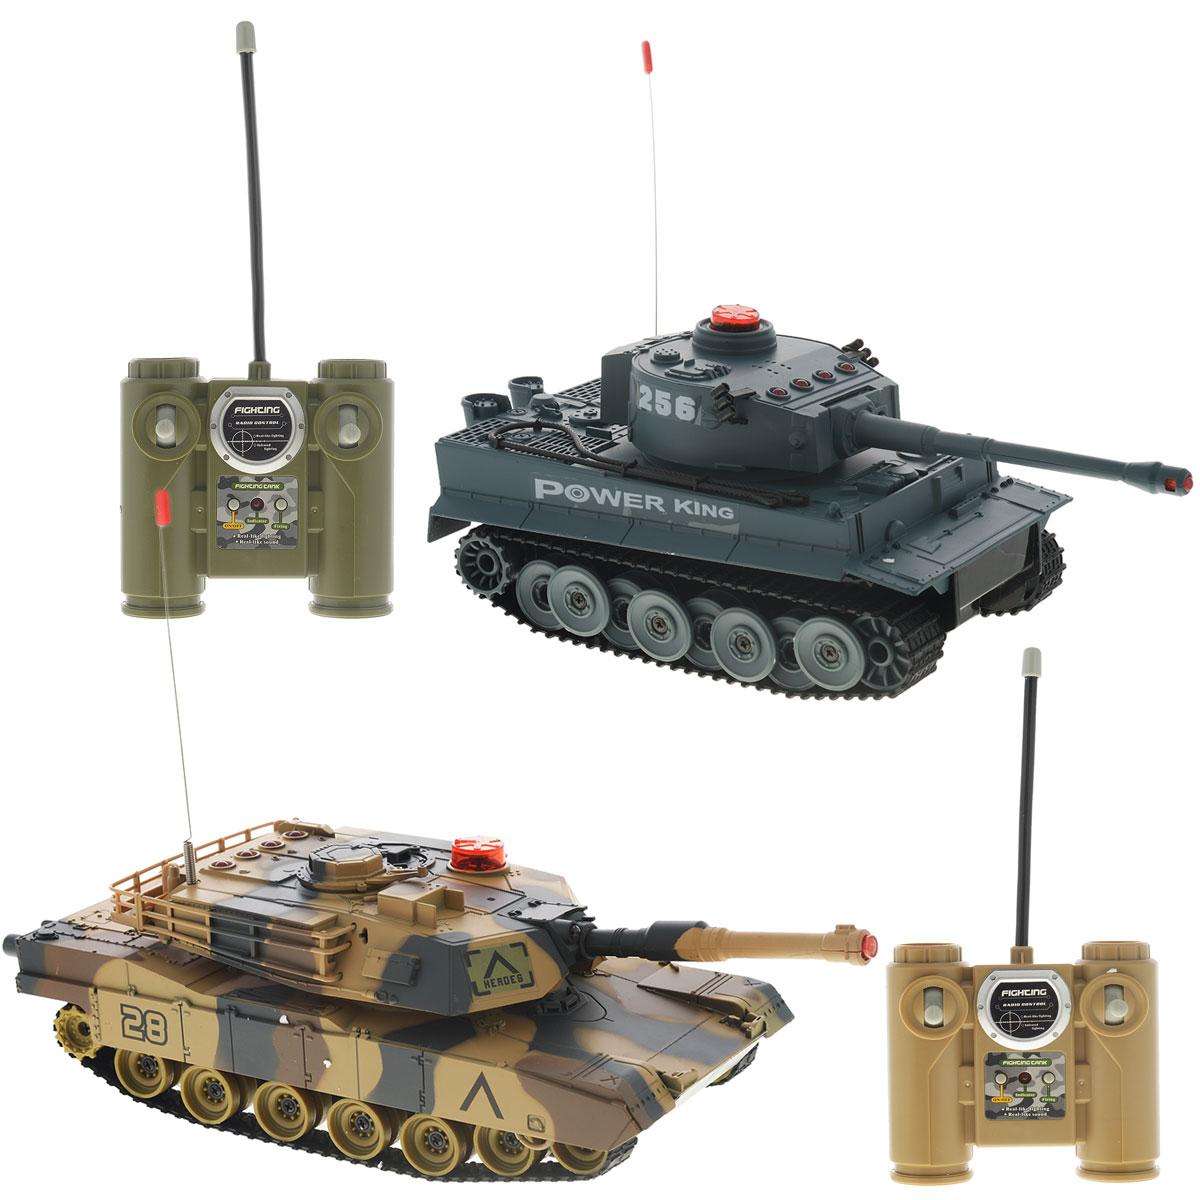 1TOY Набор танков на радиоуправлении Танковый бой 508-10508-10Игровой набор Танковый бой со световыми и звуковыми эффектами, состоящий из двух миниатюрных танков с полнофункциональным управлением и инфракрасным наведением, привлечет внимание не только ребенка, но и взрослого и станет отличным подарком любителю военной техники. Набор состоит из двух танков, двух пультов управления, аккумуляторов и зарядных устройств. Основные направления движения танков: вперед-назад, вправо-влево, поворот на месте. Башня поворачивается направо и налево. Танки оснащены индикатором количества выстрелов. Танки изготовлены из современных прочных материалов, устойчивых к небольшим крушениям. Для большей реалистичности модели оснащены световыми и звуковыми эффектами. Танки работают от аккумуляторов, зарядка которых производится от зарядного устройства, подключающегося к электрической сети.